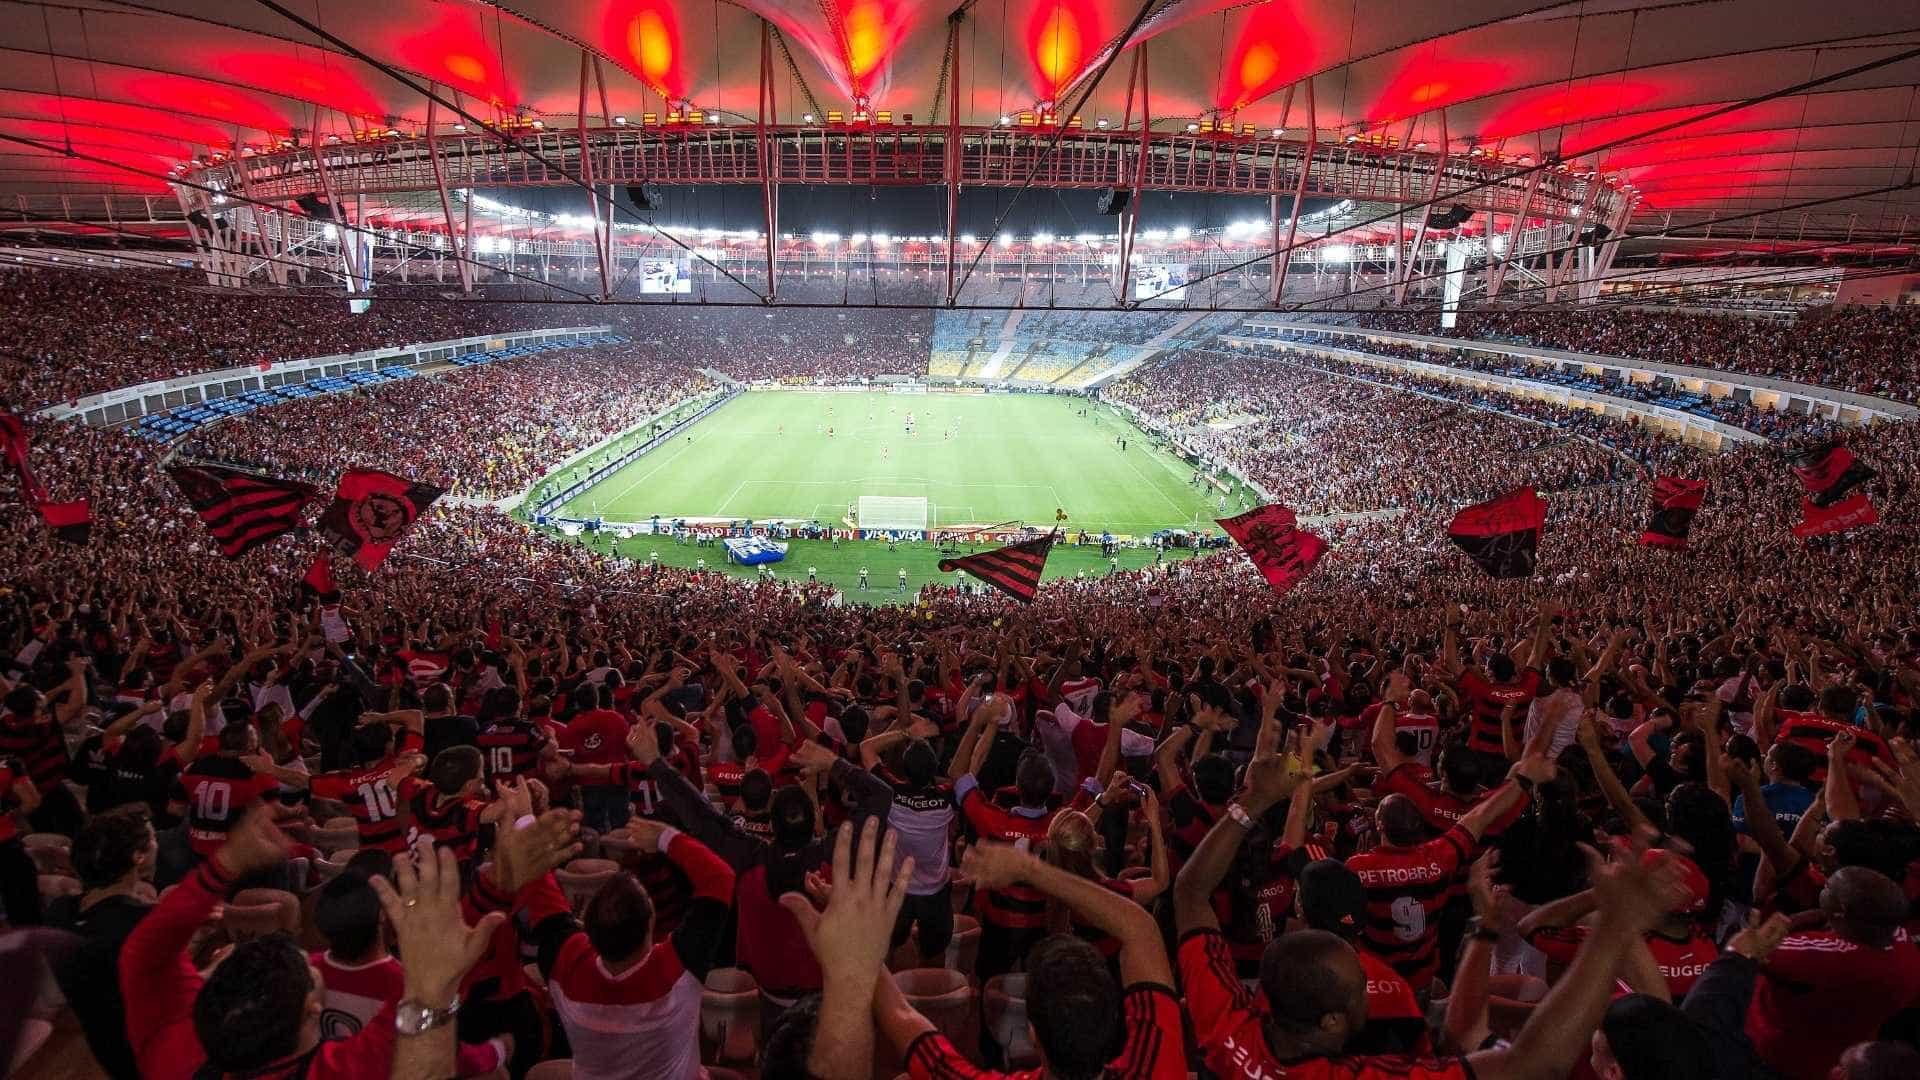 Torcida esgota setor do Maracanã para  Flamengo e Corinthians